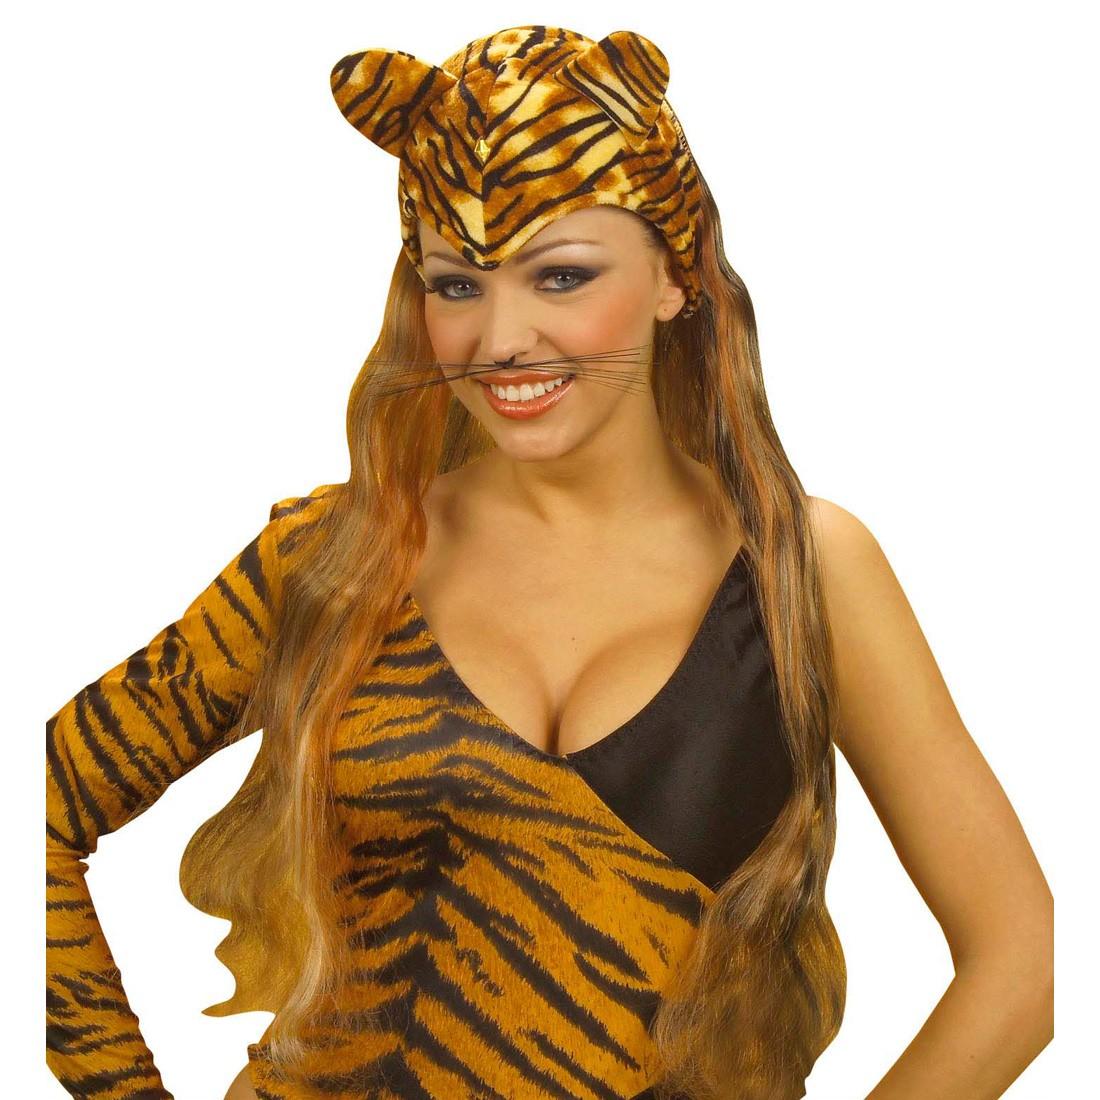 tiger m tze mit ohren und haaren tigerm tze braun 11 99. Black Bedroom Furniture Sets. Home Design Ideas